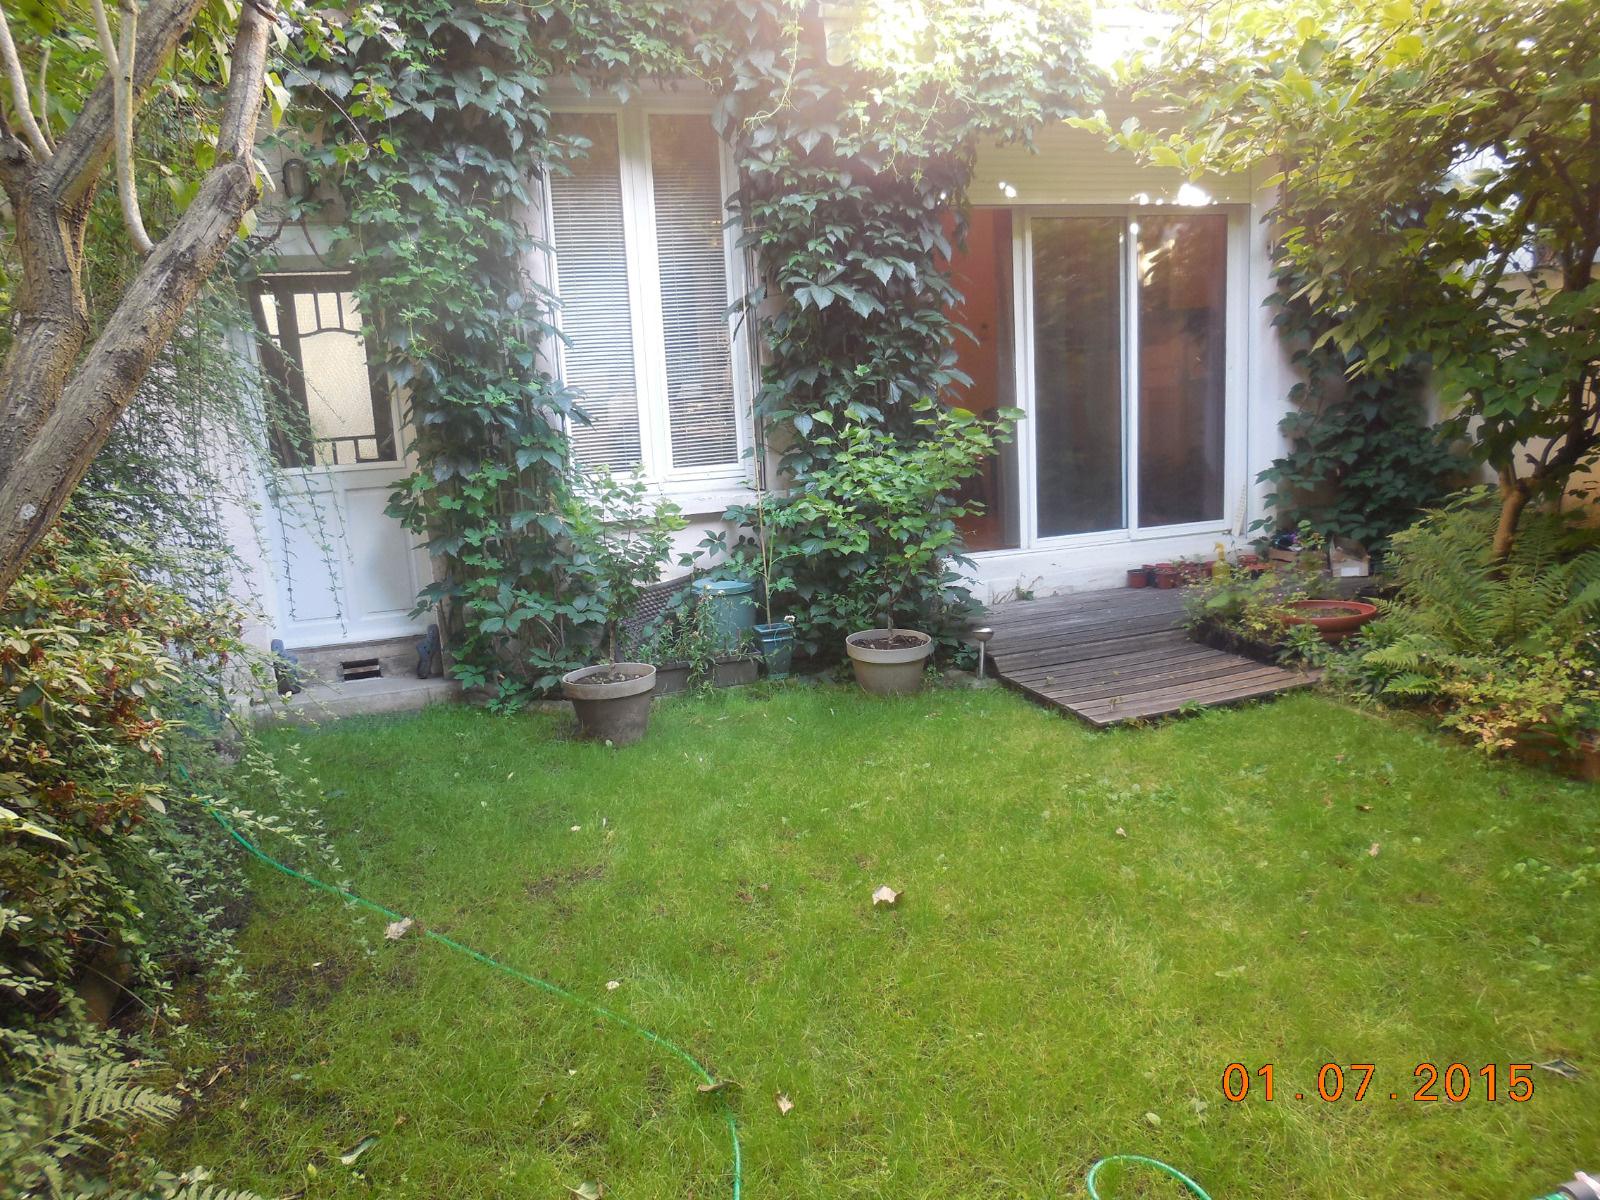 Vente centre ville maison de style 39 art d co 39 de 1922 for Art deco jardin